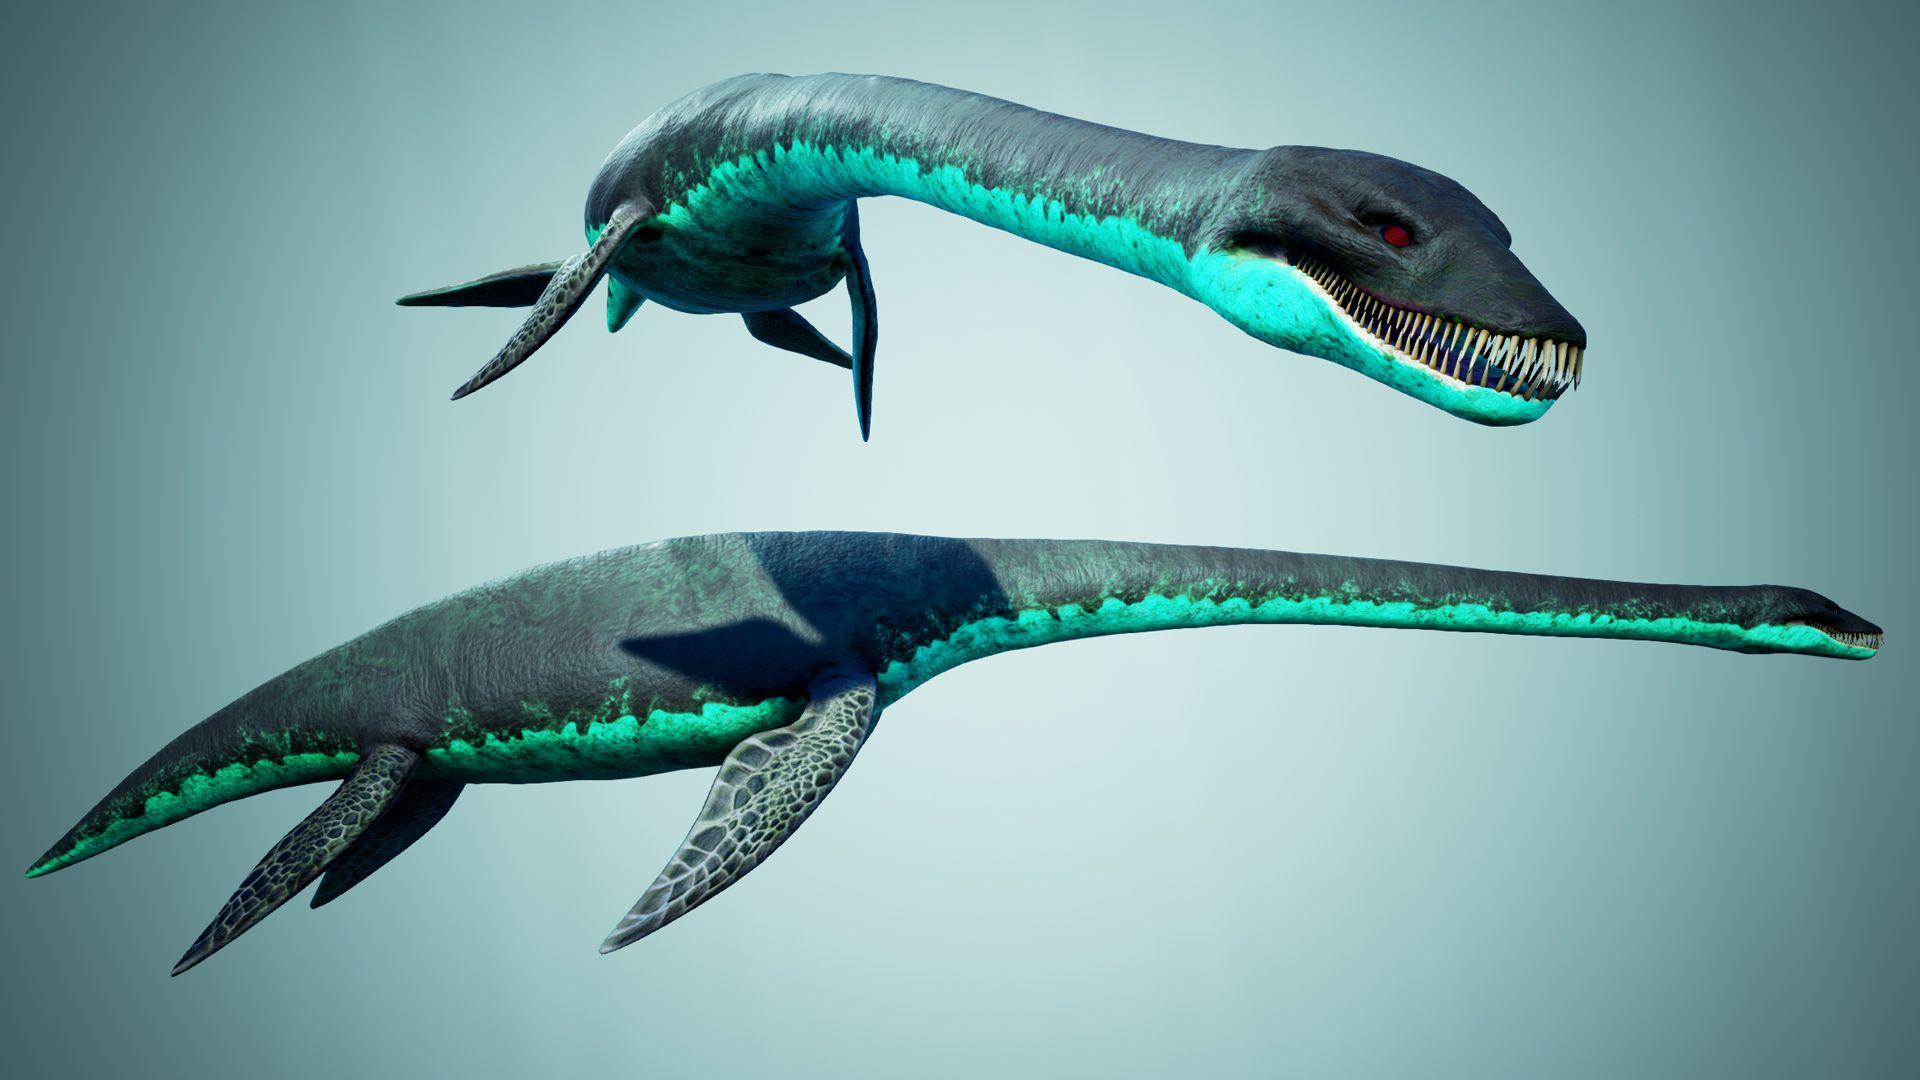 Ocean Plesiosaur Elasmosaurus Low Poly 3d Models Loch Ness Monster Ocean